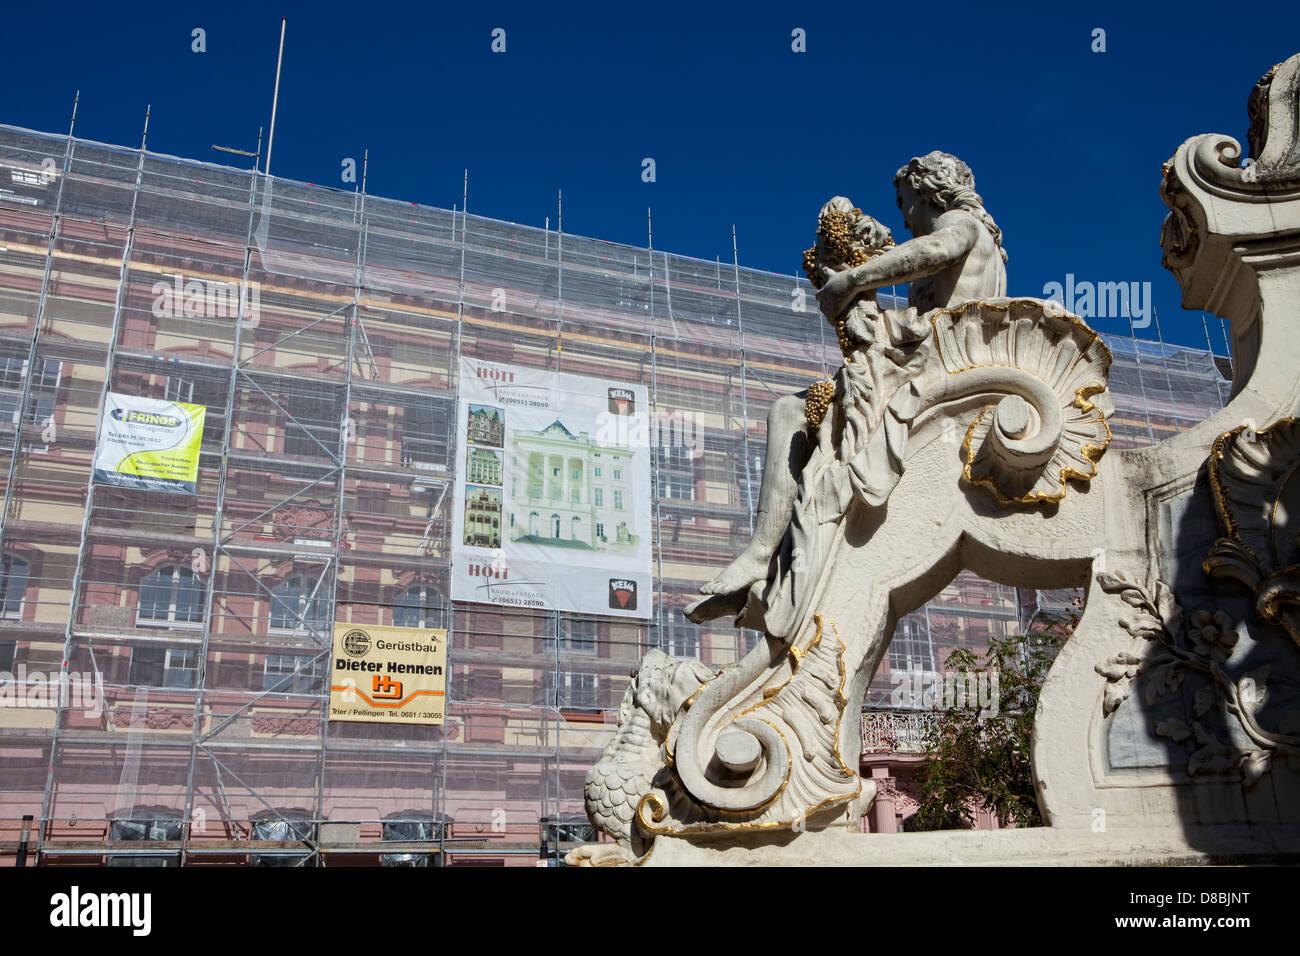 La rénovation de bâtiments, l'échafaudage, Georgsbrunnen fontaine, Trèves, Rhénanie-Palatinat, Allemagne, Europe Banque D'Images